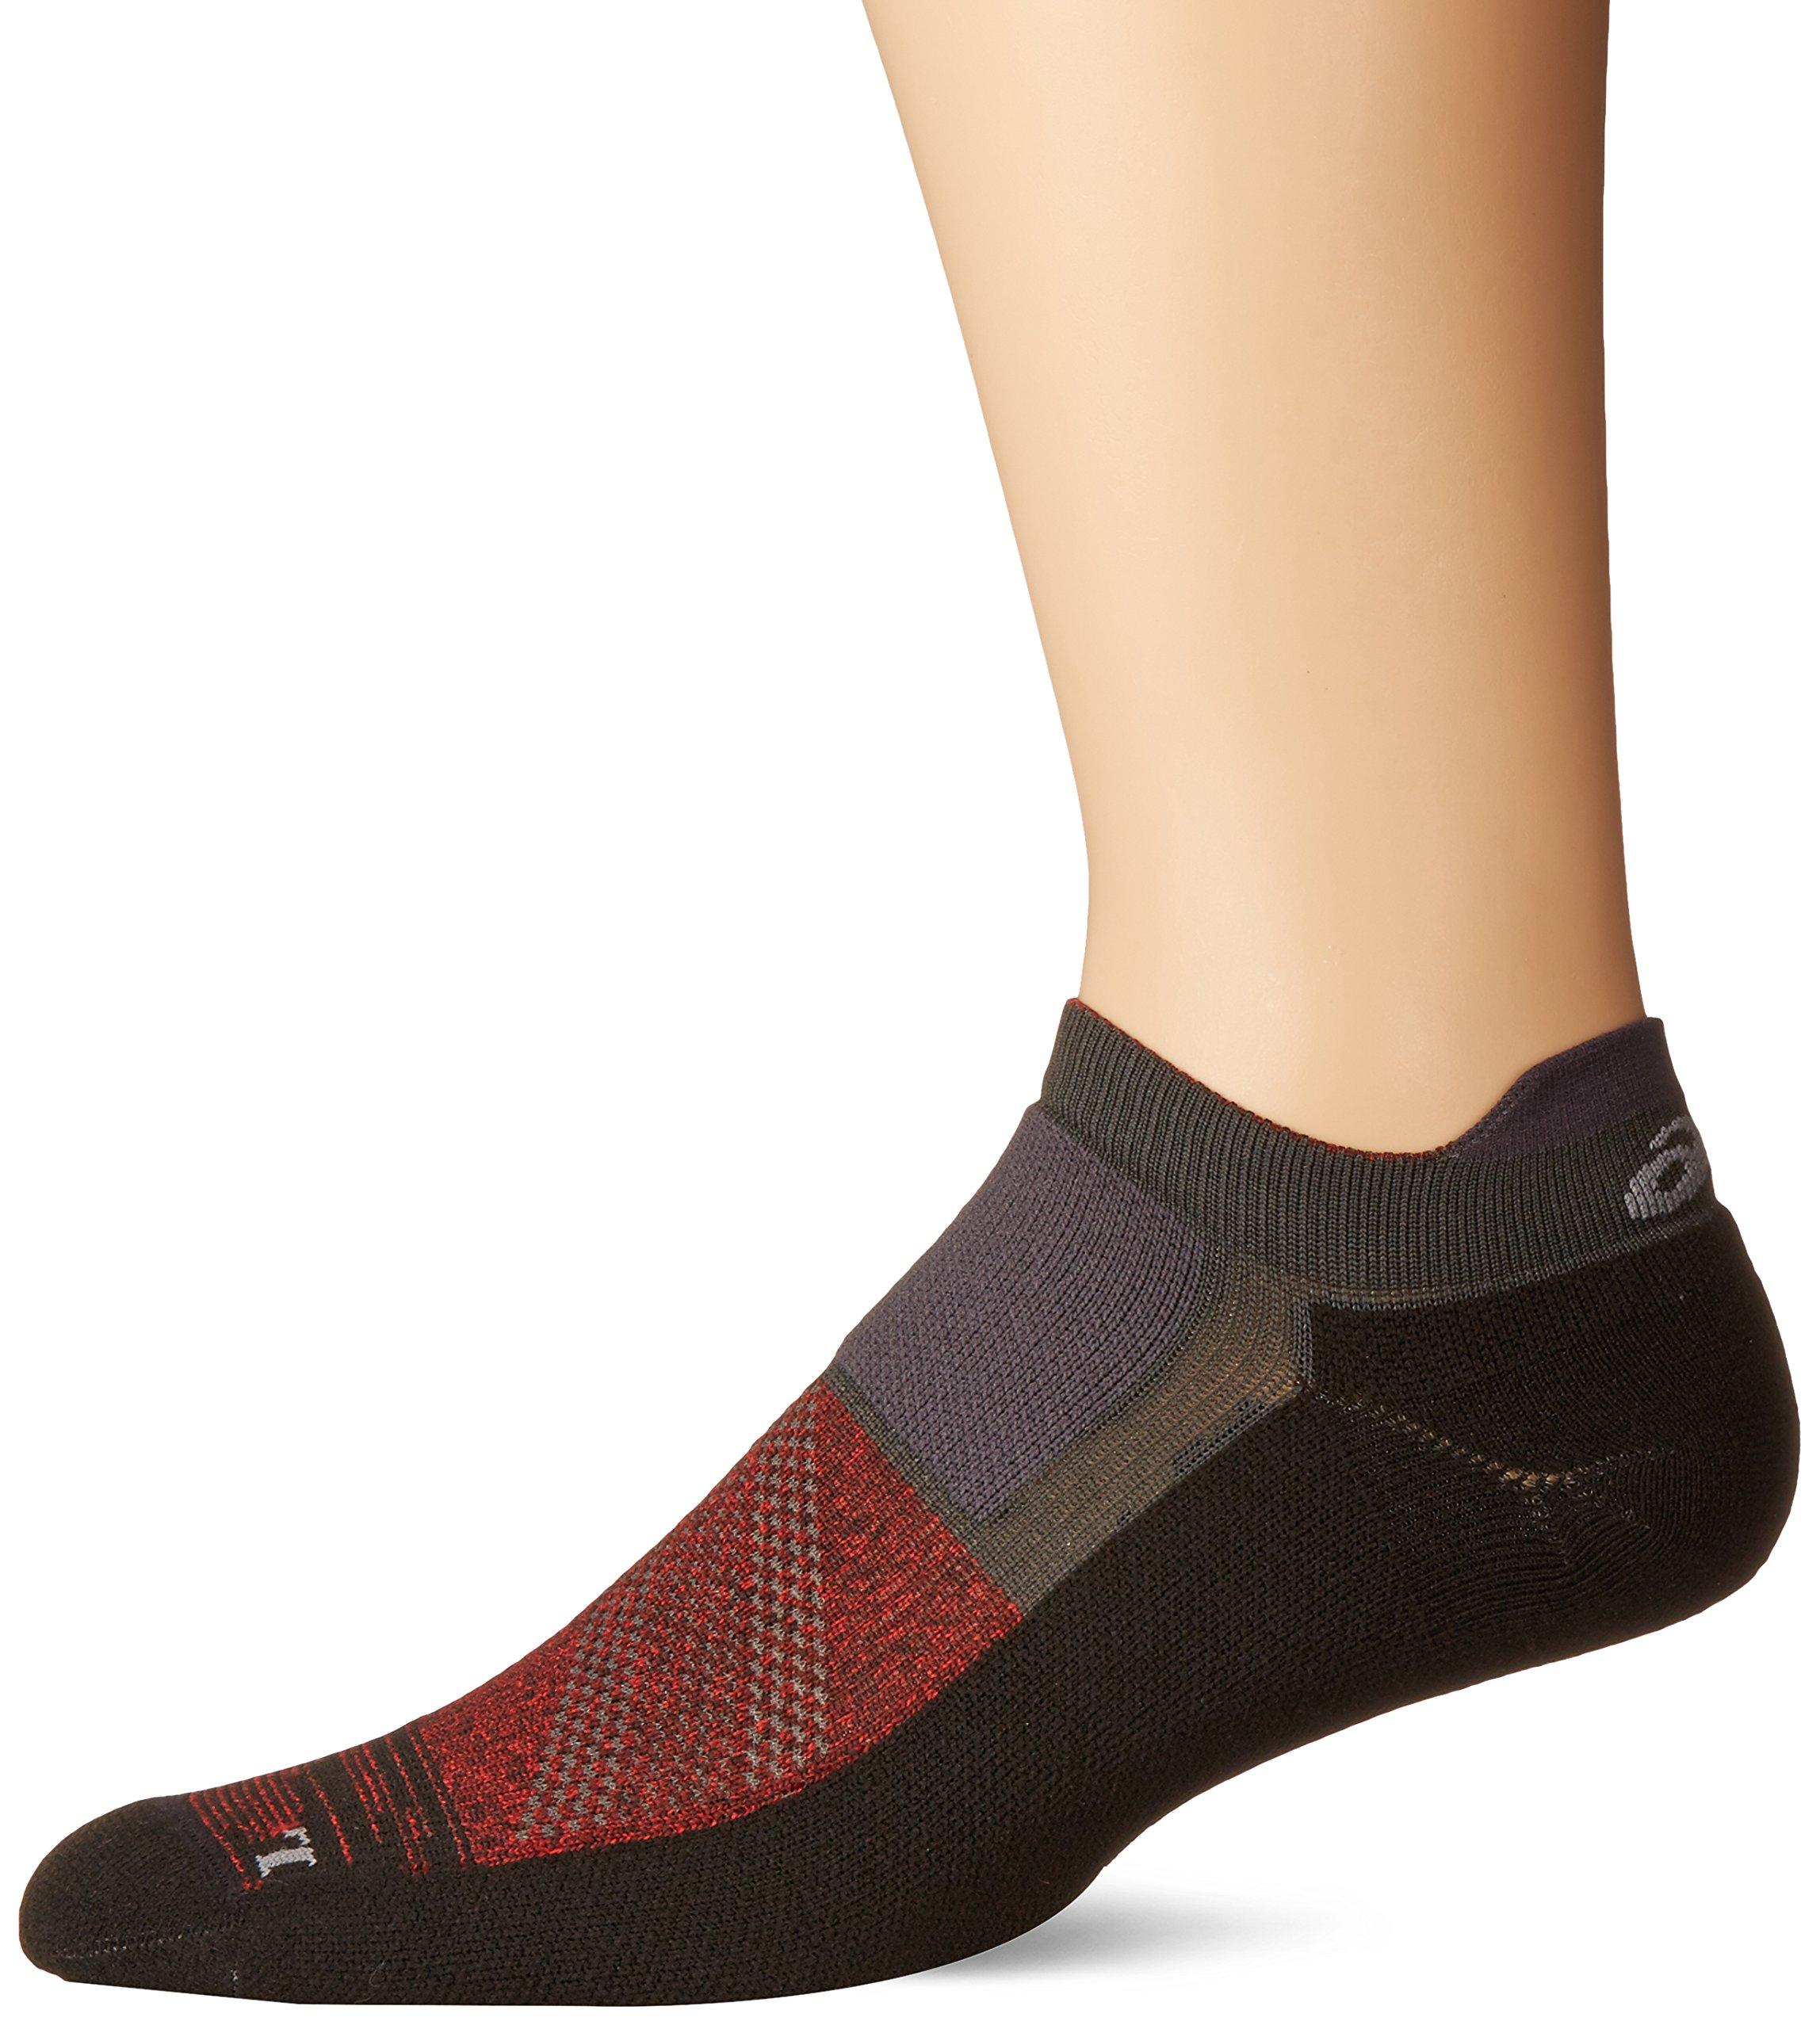 ASICS Fuzex Graffiti Cushion Single Tab Running Socks